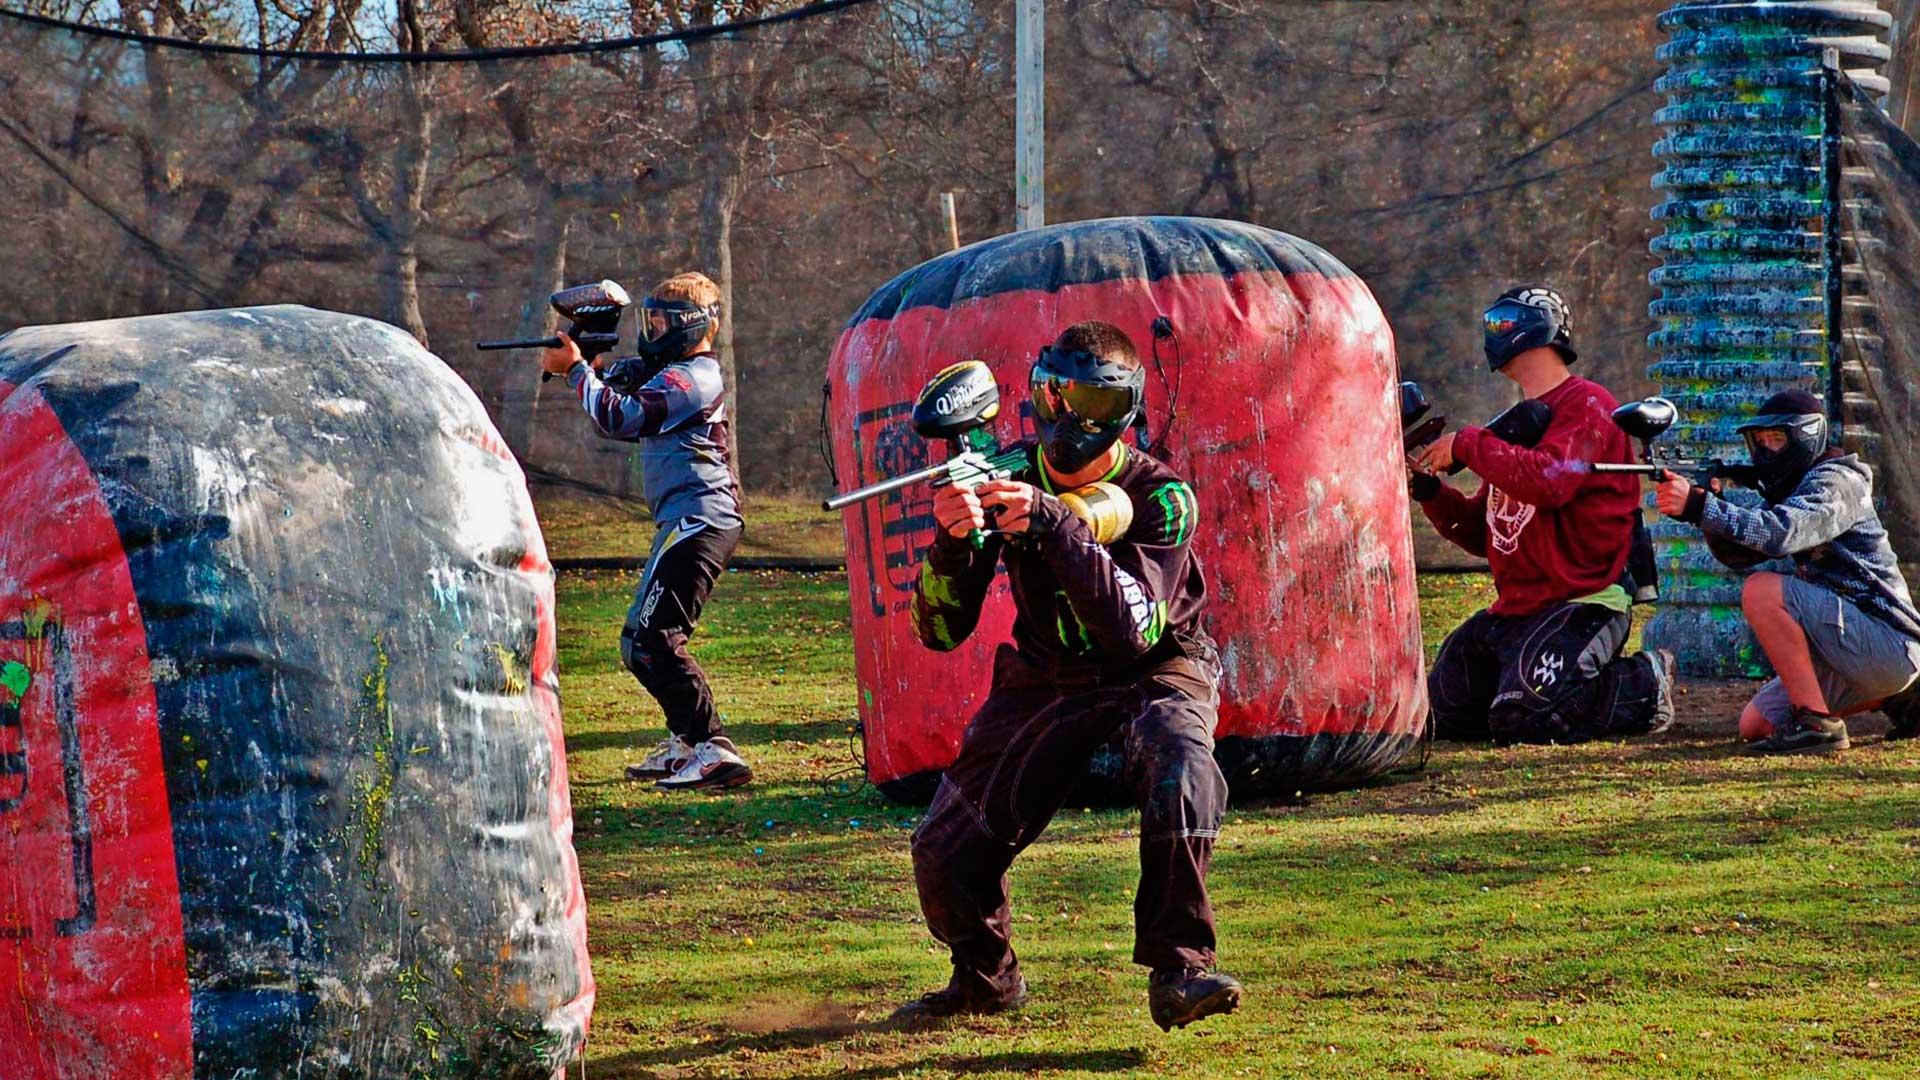 Campeonato de paintball. Na imagem aparece 4 pessoas do mesmo time, duas mais atrás, em posição defensiva, e duas pessoas avançando.